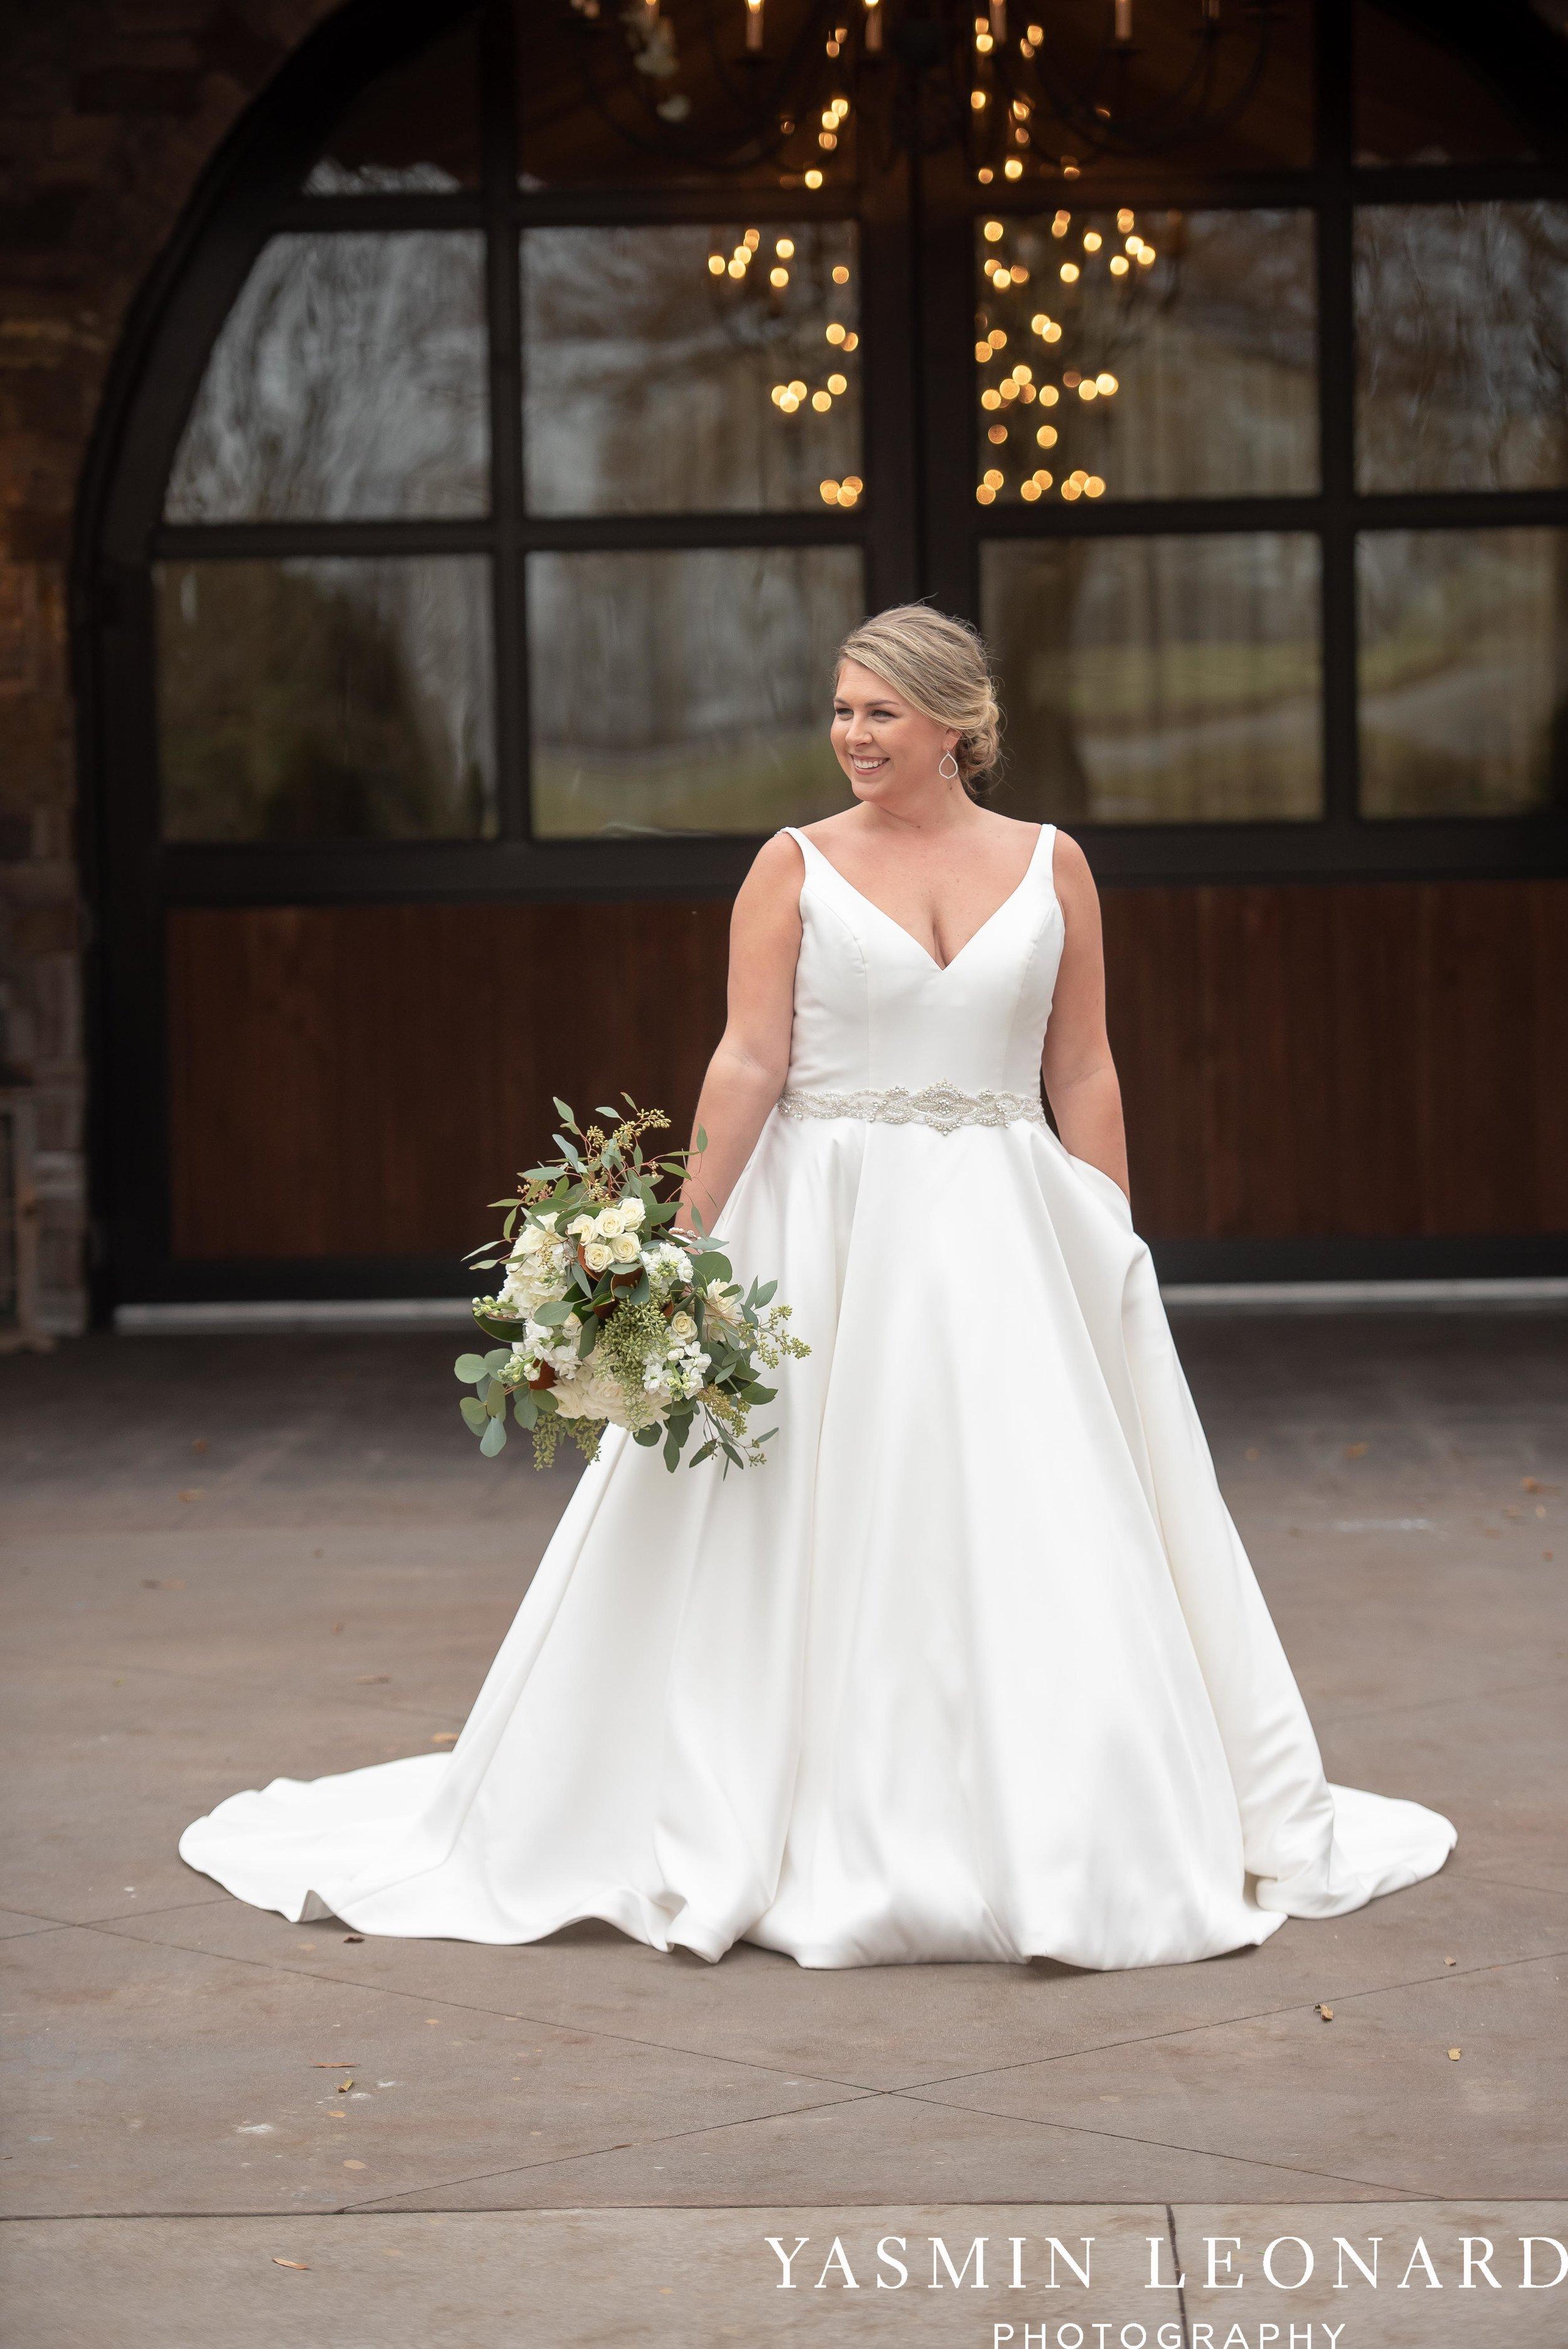 Adaumont Farm - Wesley Memorial Weddings - High Point Weddings - Just Priceless - NC Wedding Photographer - Yasmin Leonard Photography - High Point Wedding Vendors-24.jpg